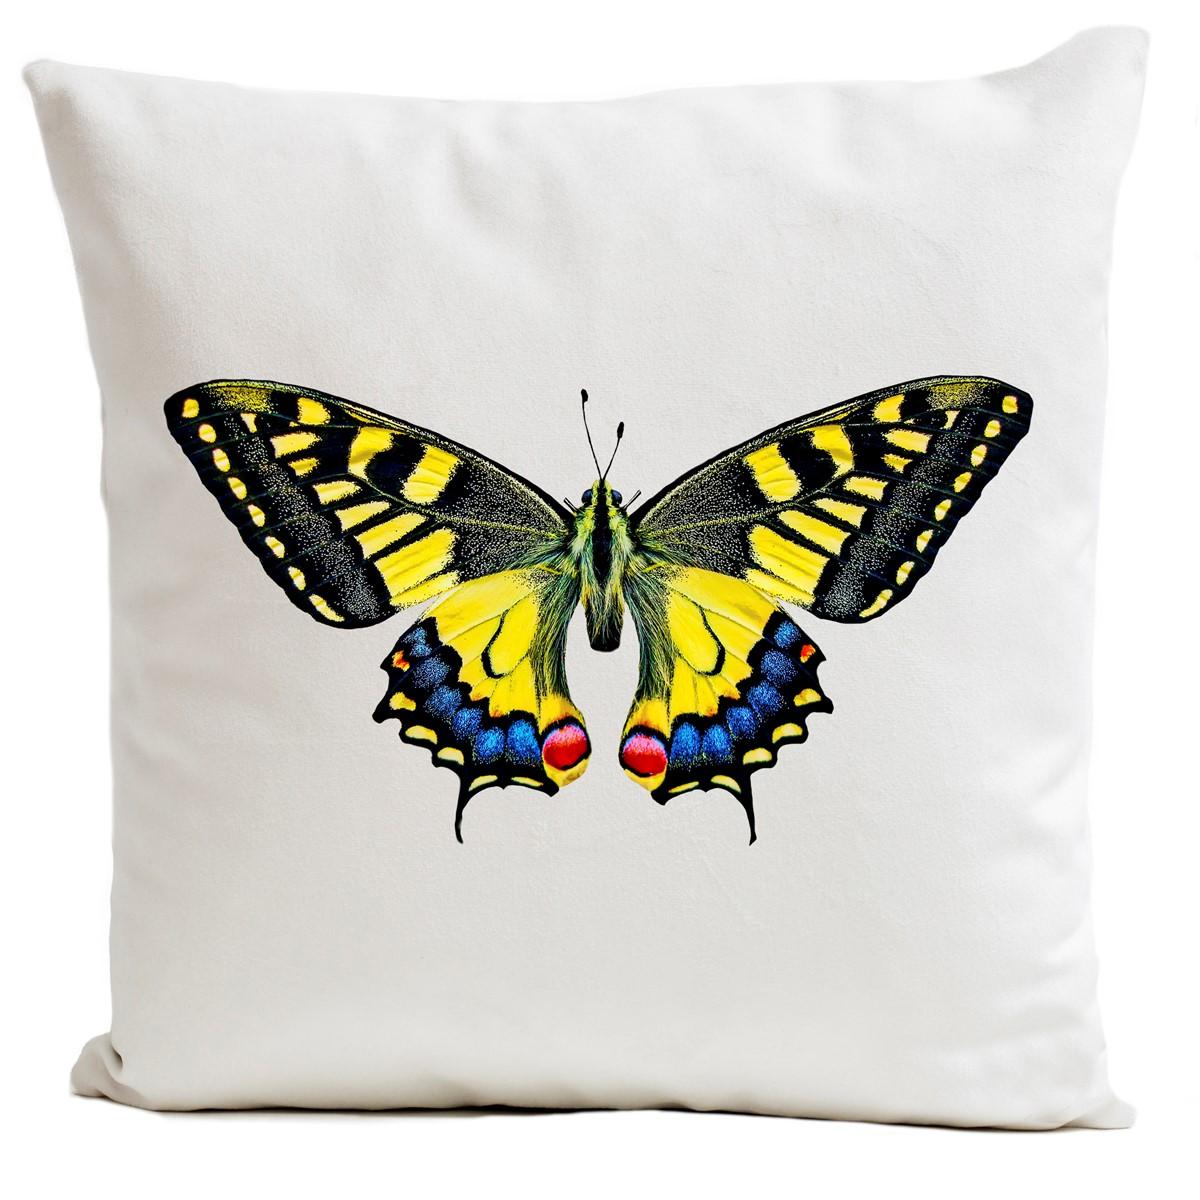 Coussin velours carré imprimé papillons blanc 60x60